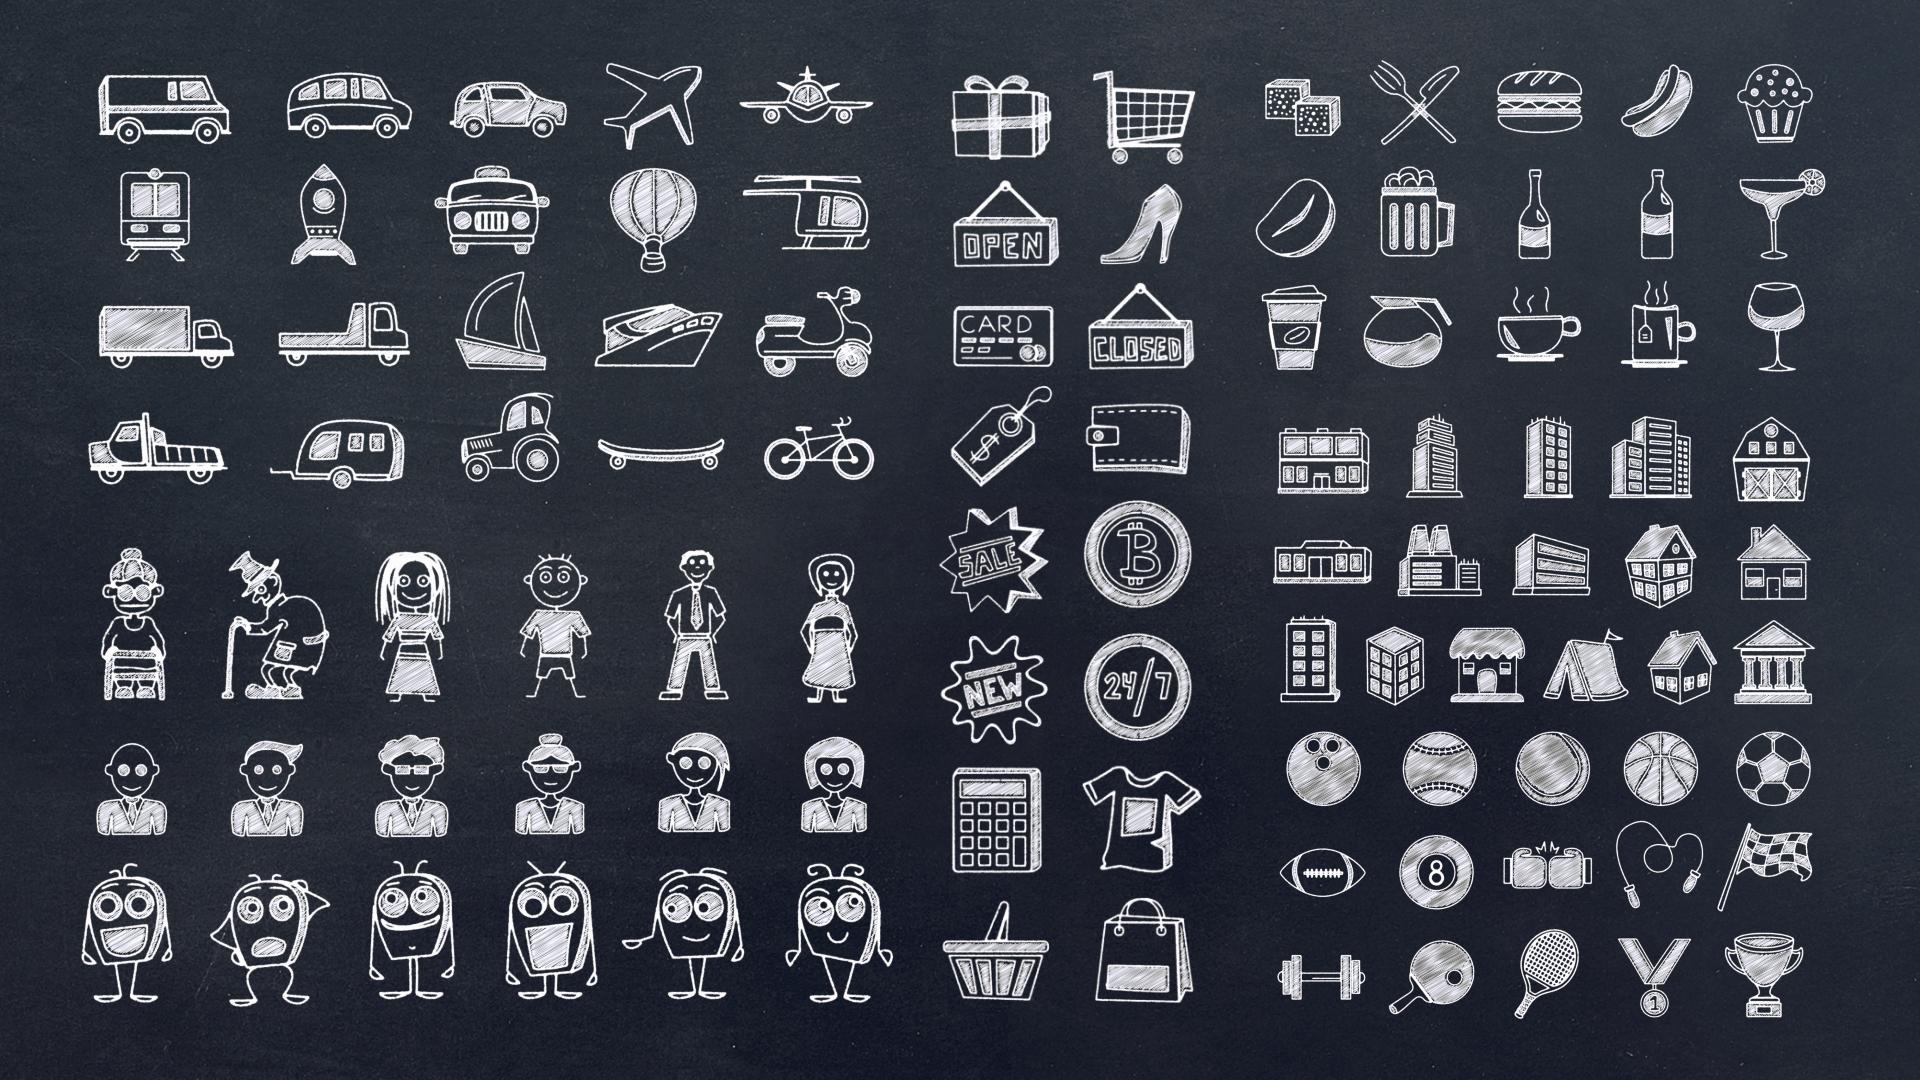 Blackboard_Chalk_Explainer_100_Extra_Icons_00168